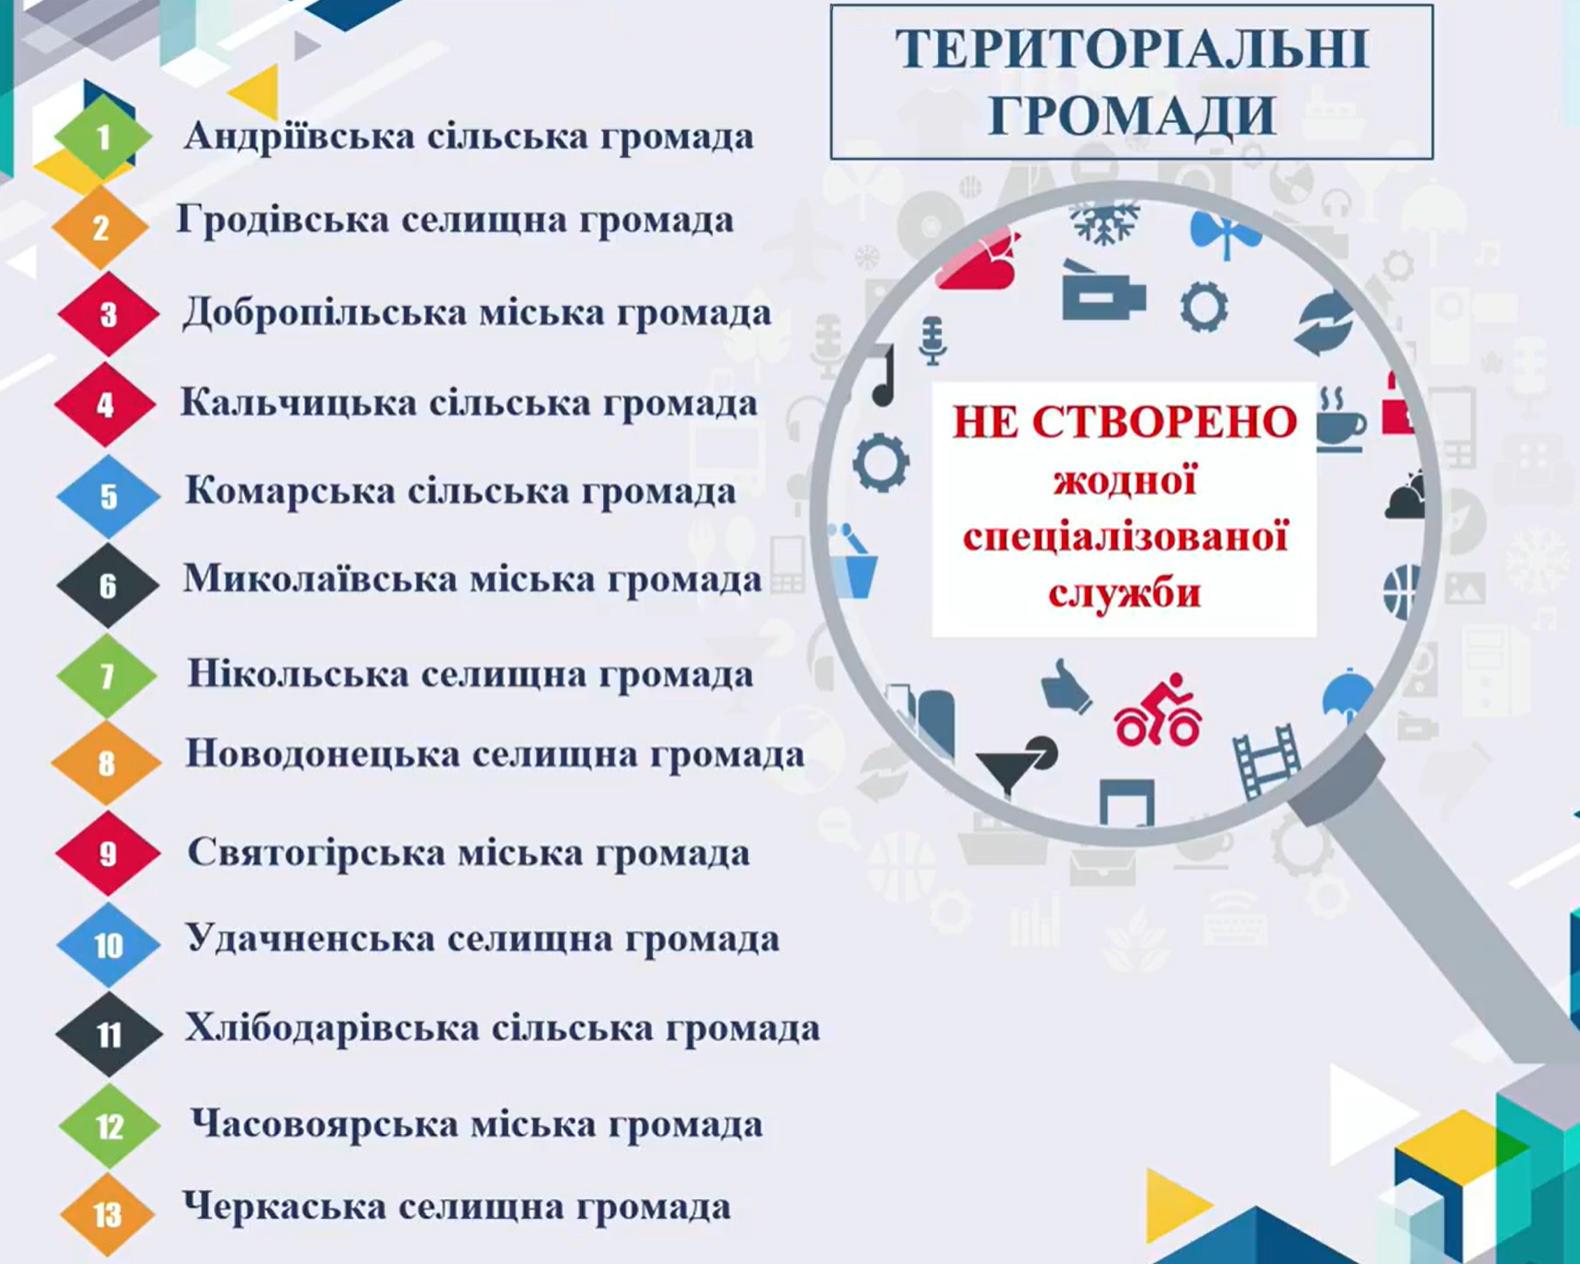 Громади Донецької області, де немає спеціалізованих служб для жертв домашнього насильства